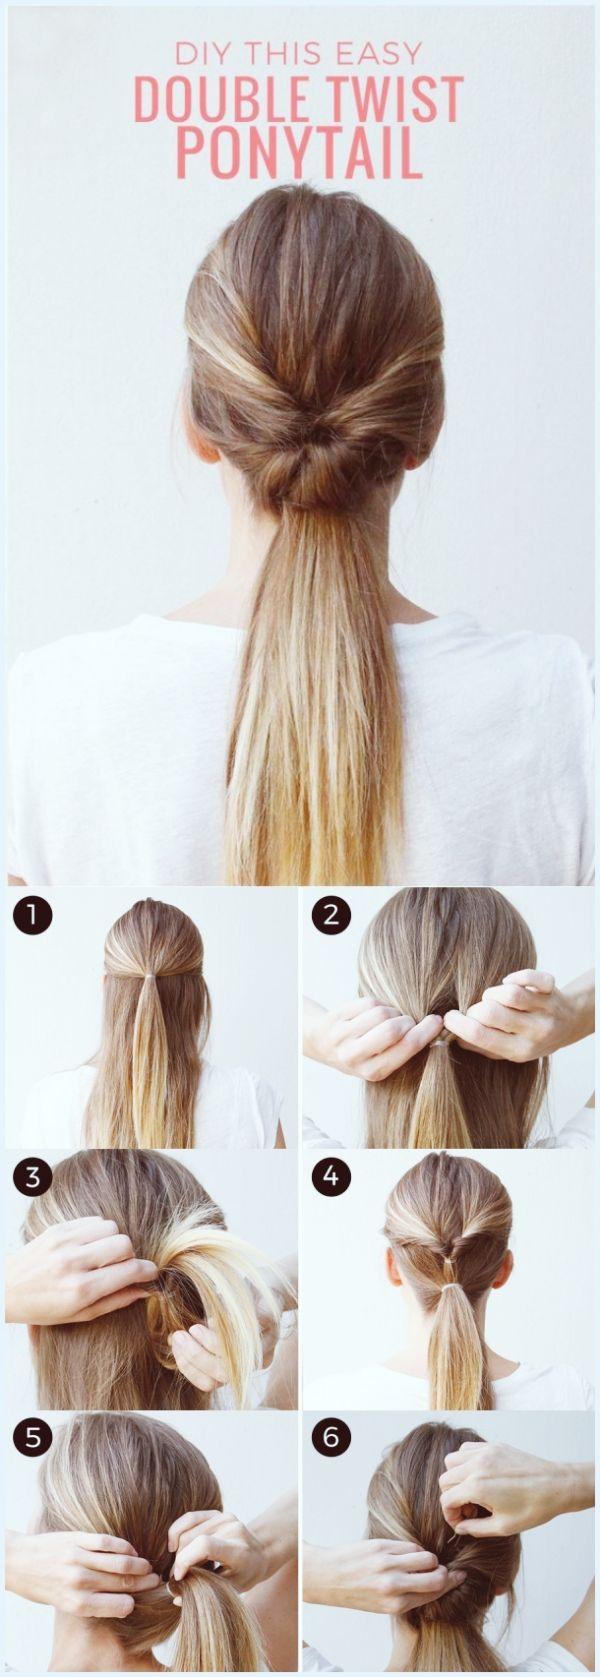 45 Kinderleicht Frisuren Tutorials Fur Das Arbeiten Von Moms Neue Besten Frisur Haartutorial Frisuren Einfach Frisuren